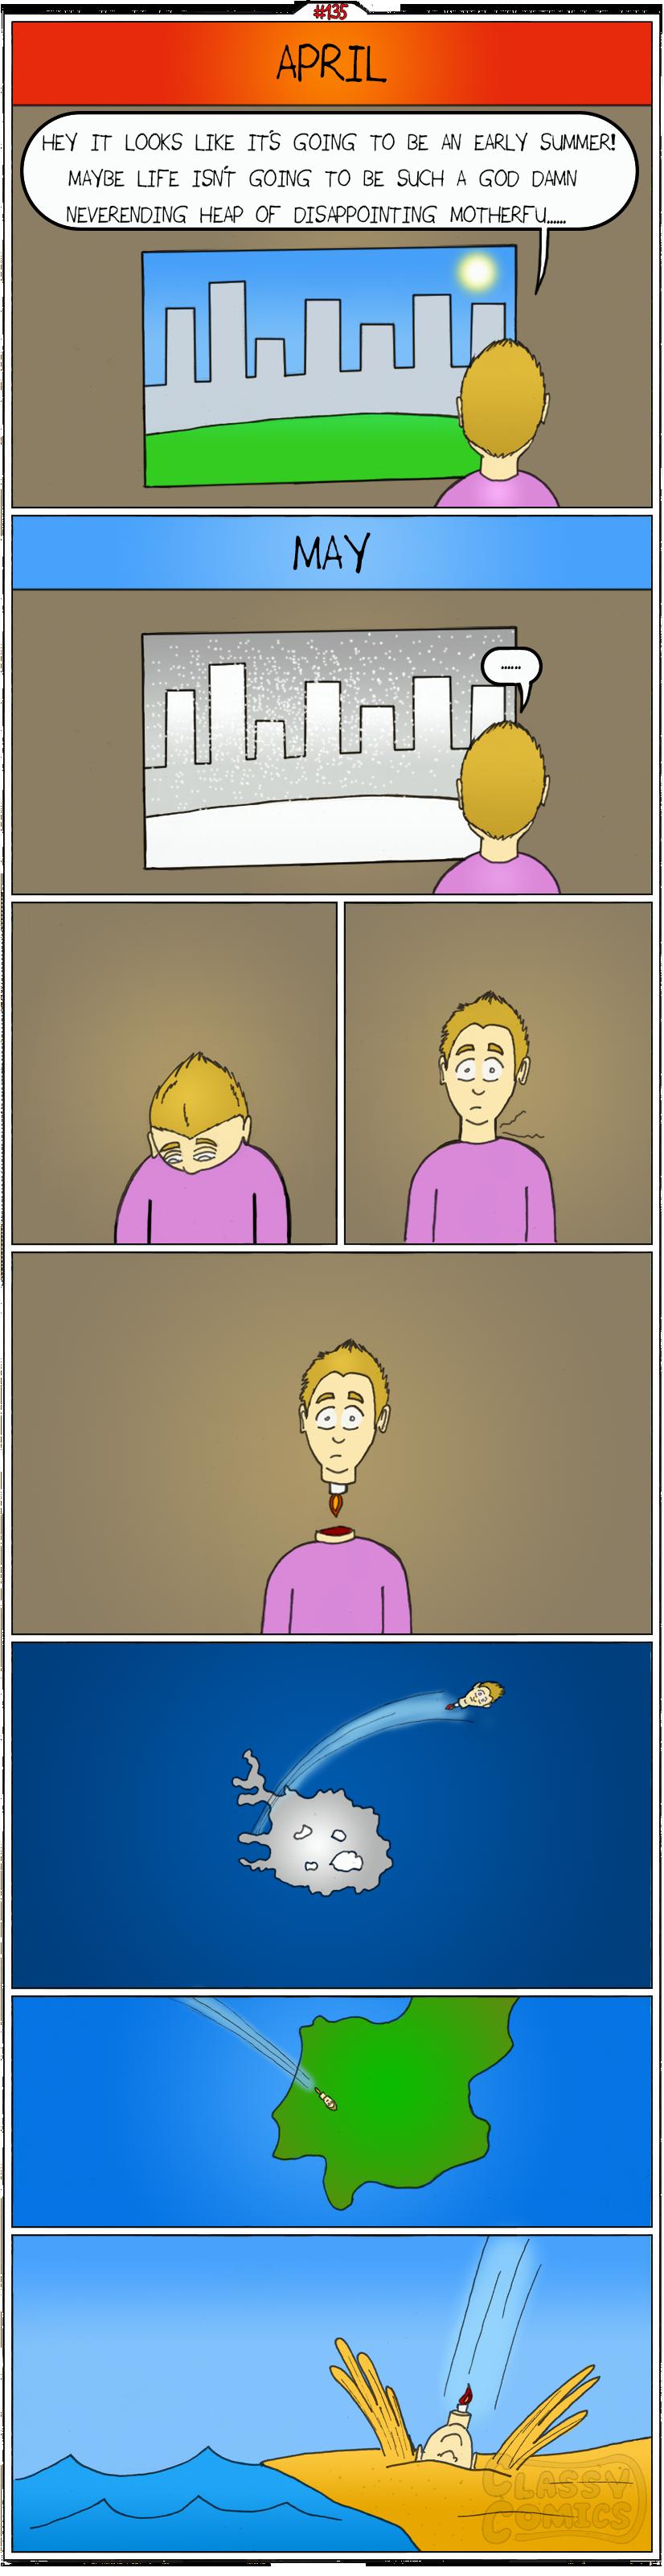 comic135.png